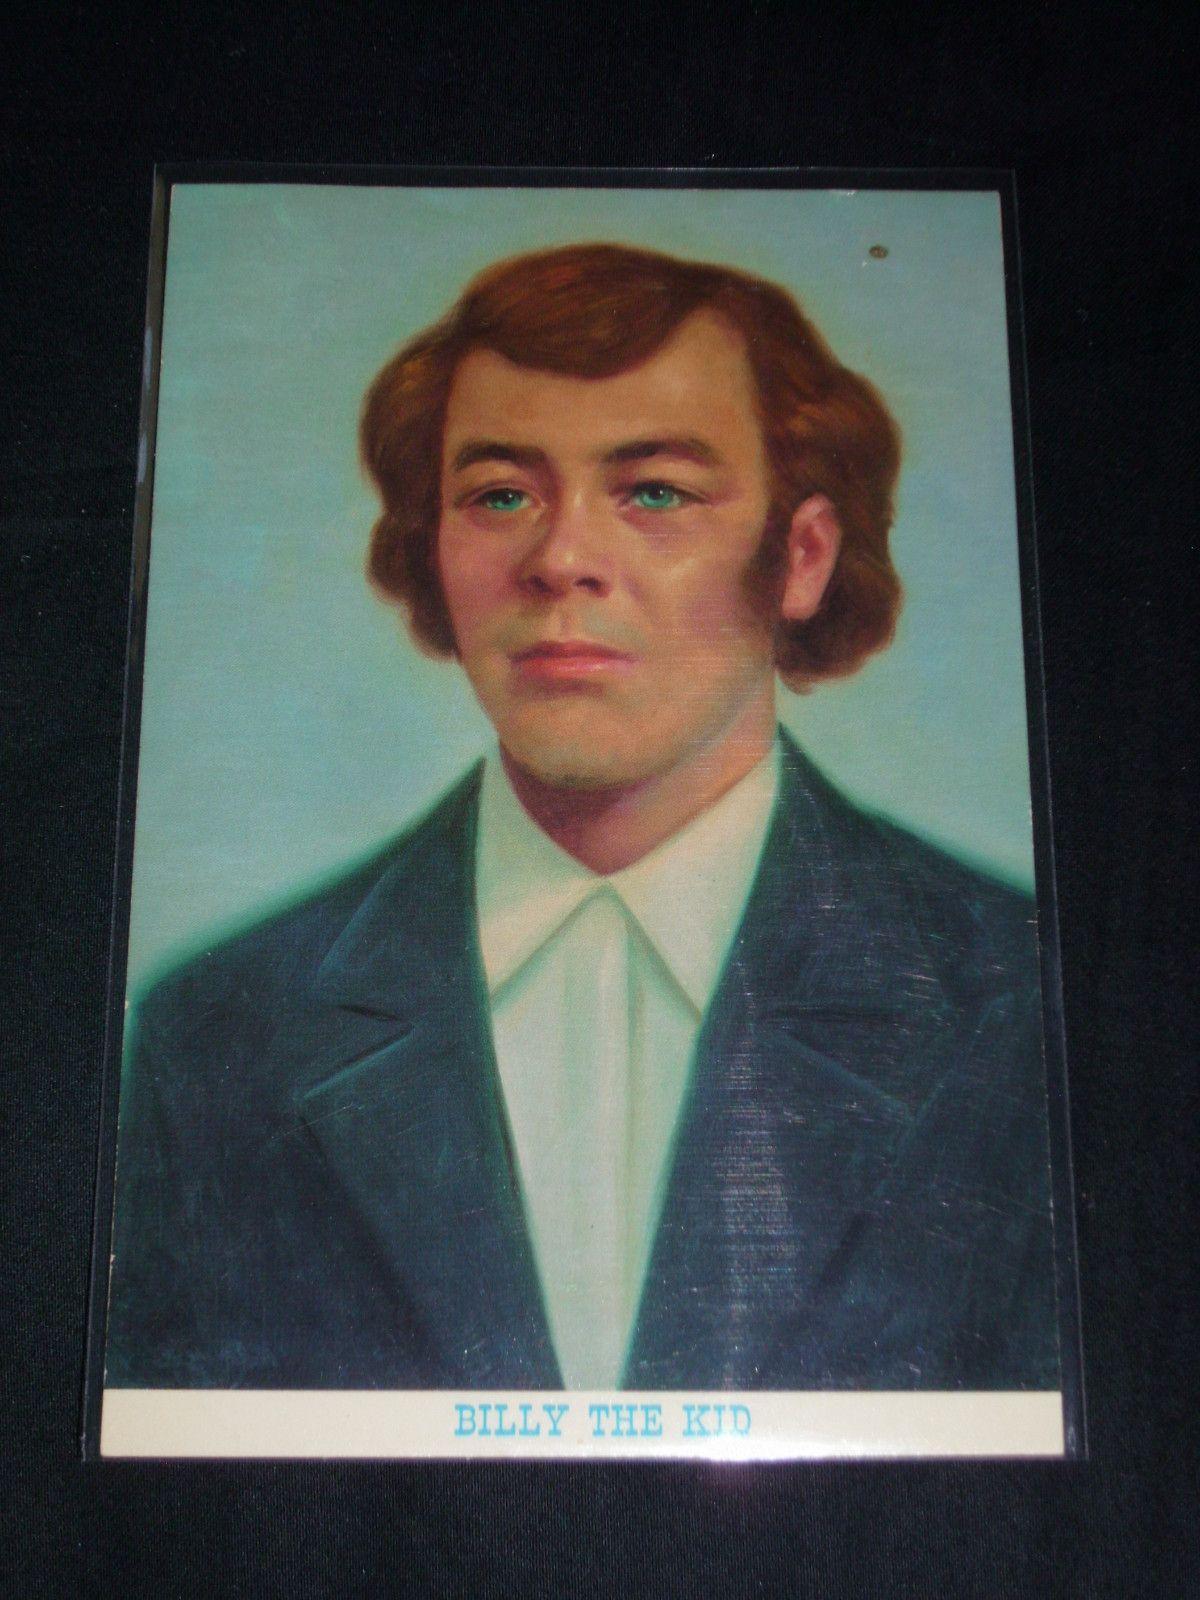 William A. Jr. Maedel